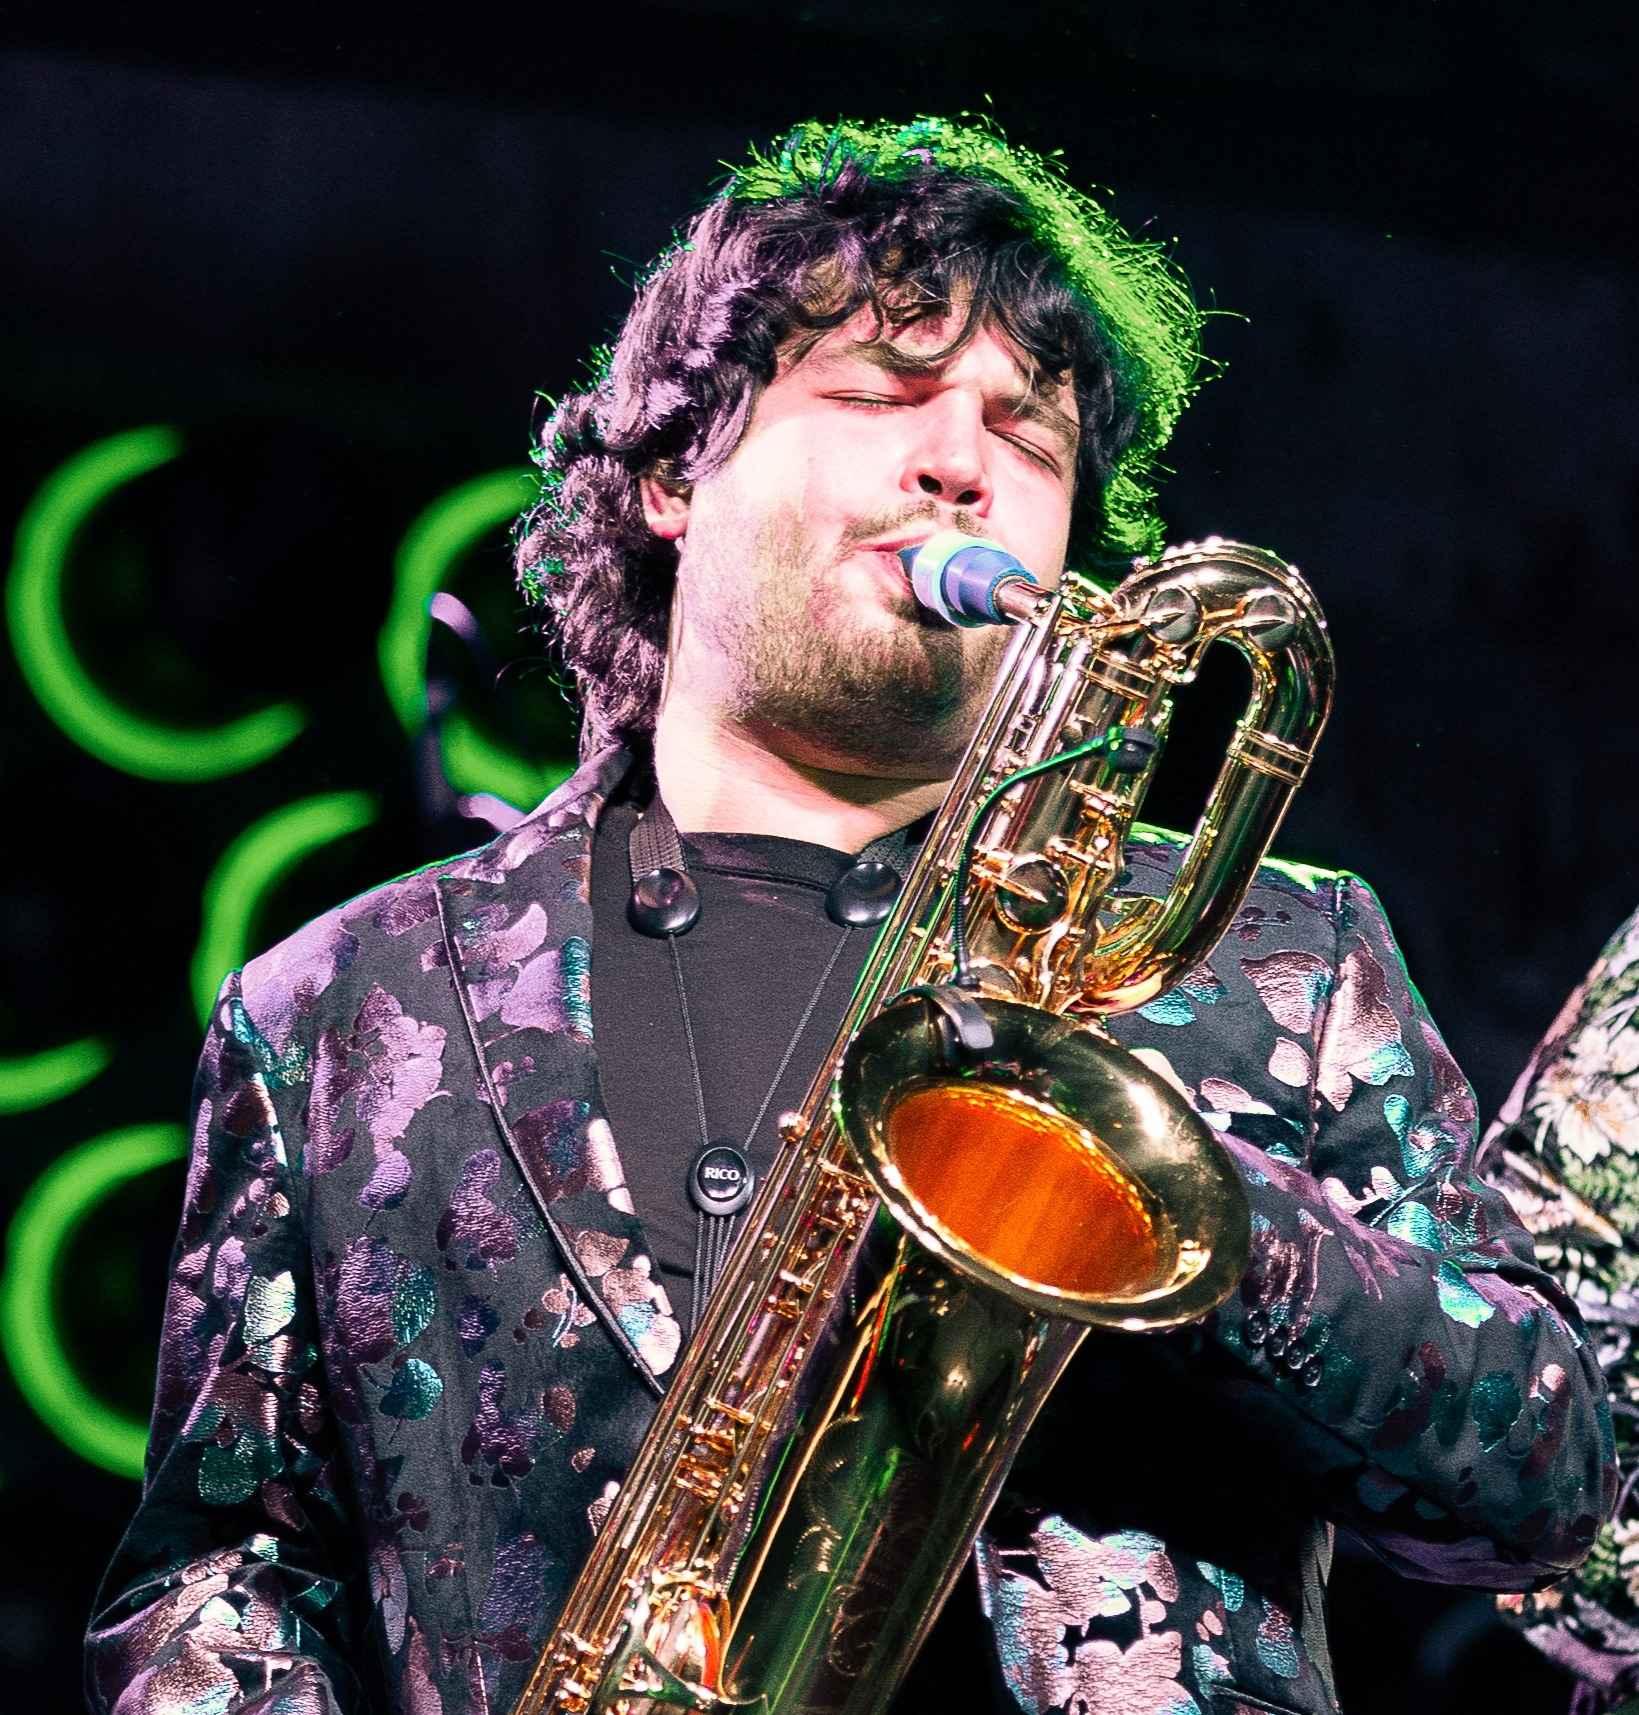 Adrian Condis joue Syos au saxophone baryton